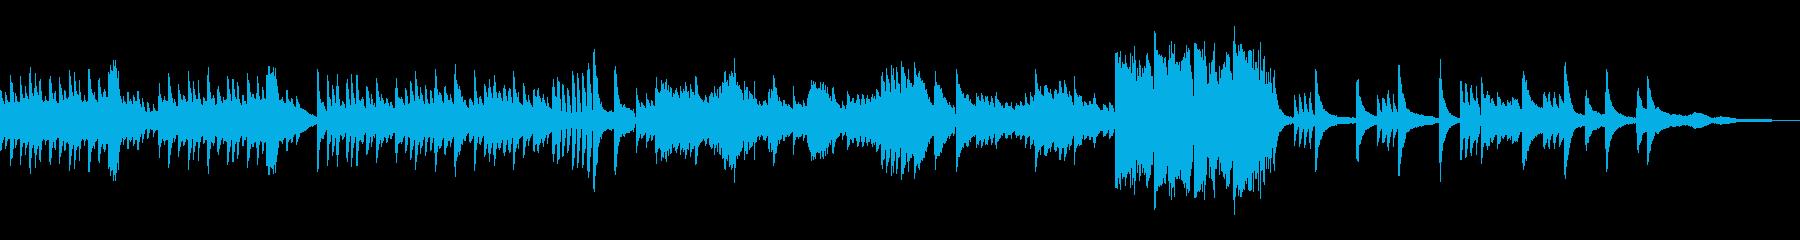 止まる事ない流れをイメージしたピアノソロの再生済みの波形